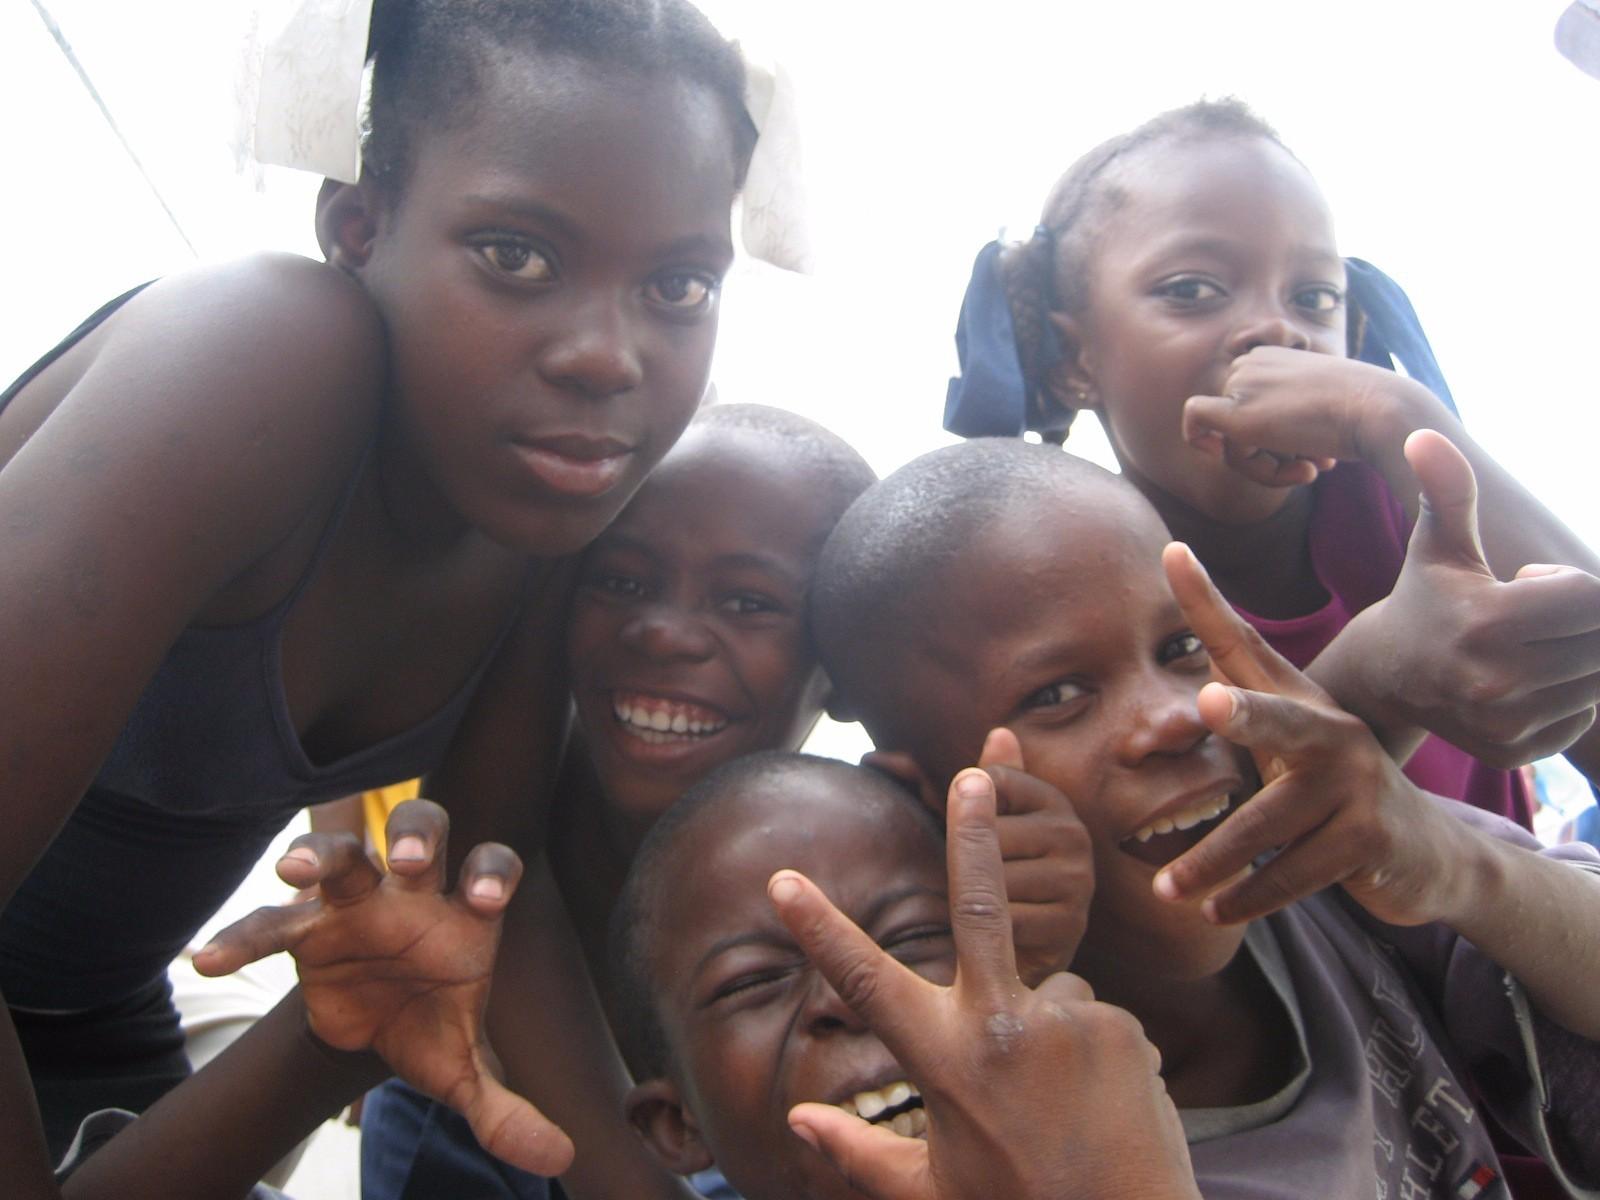 2007, Third World Awareness, TWA, Haiti, Cite Soleil, Kids, Happy, Love, Charity, Giving, Helping, Smiles